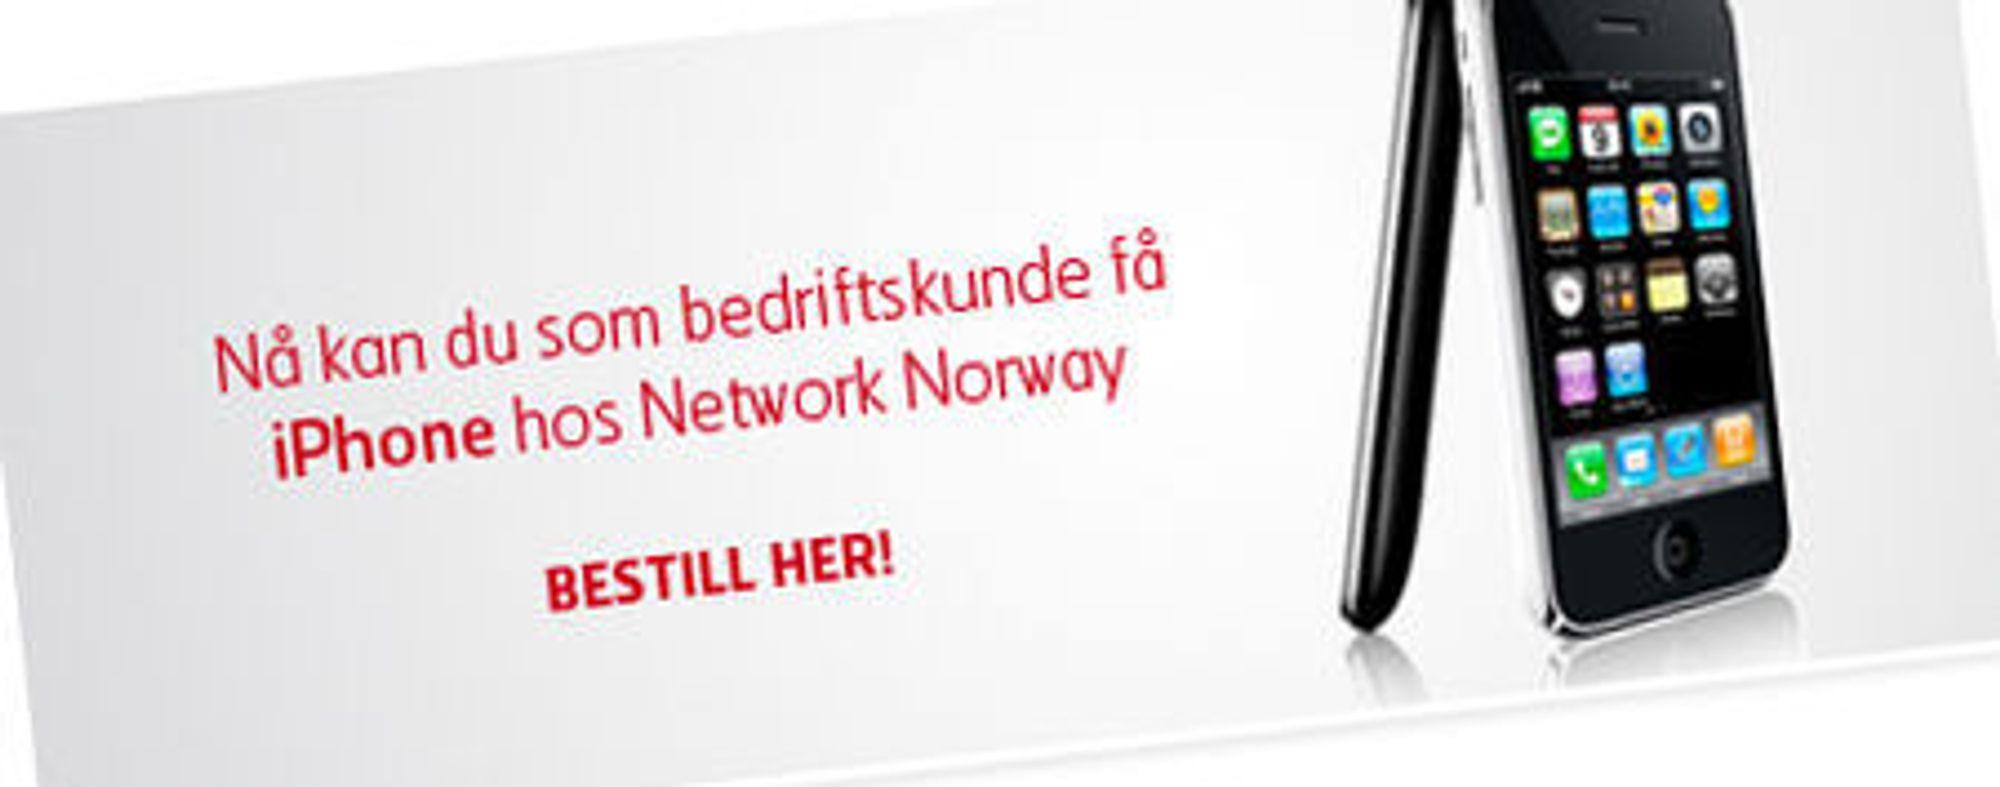 Network Norway reklamerer når for salg av iPhone på egne nettsider.